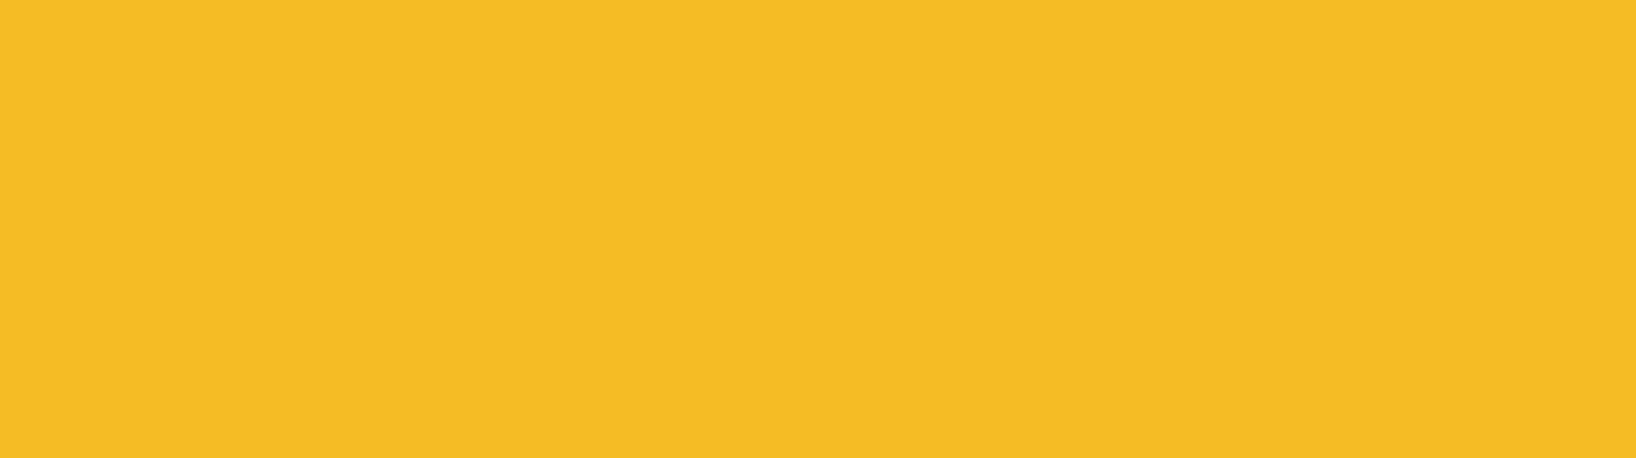 Al Salama Fire Safety Training